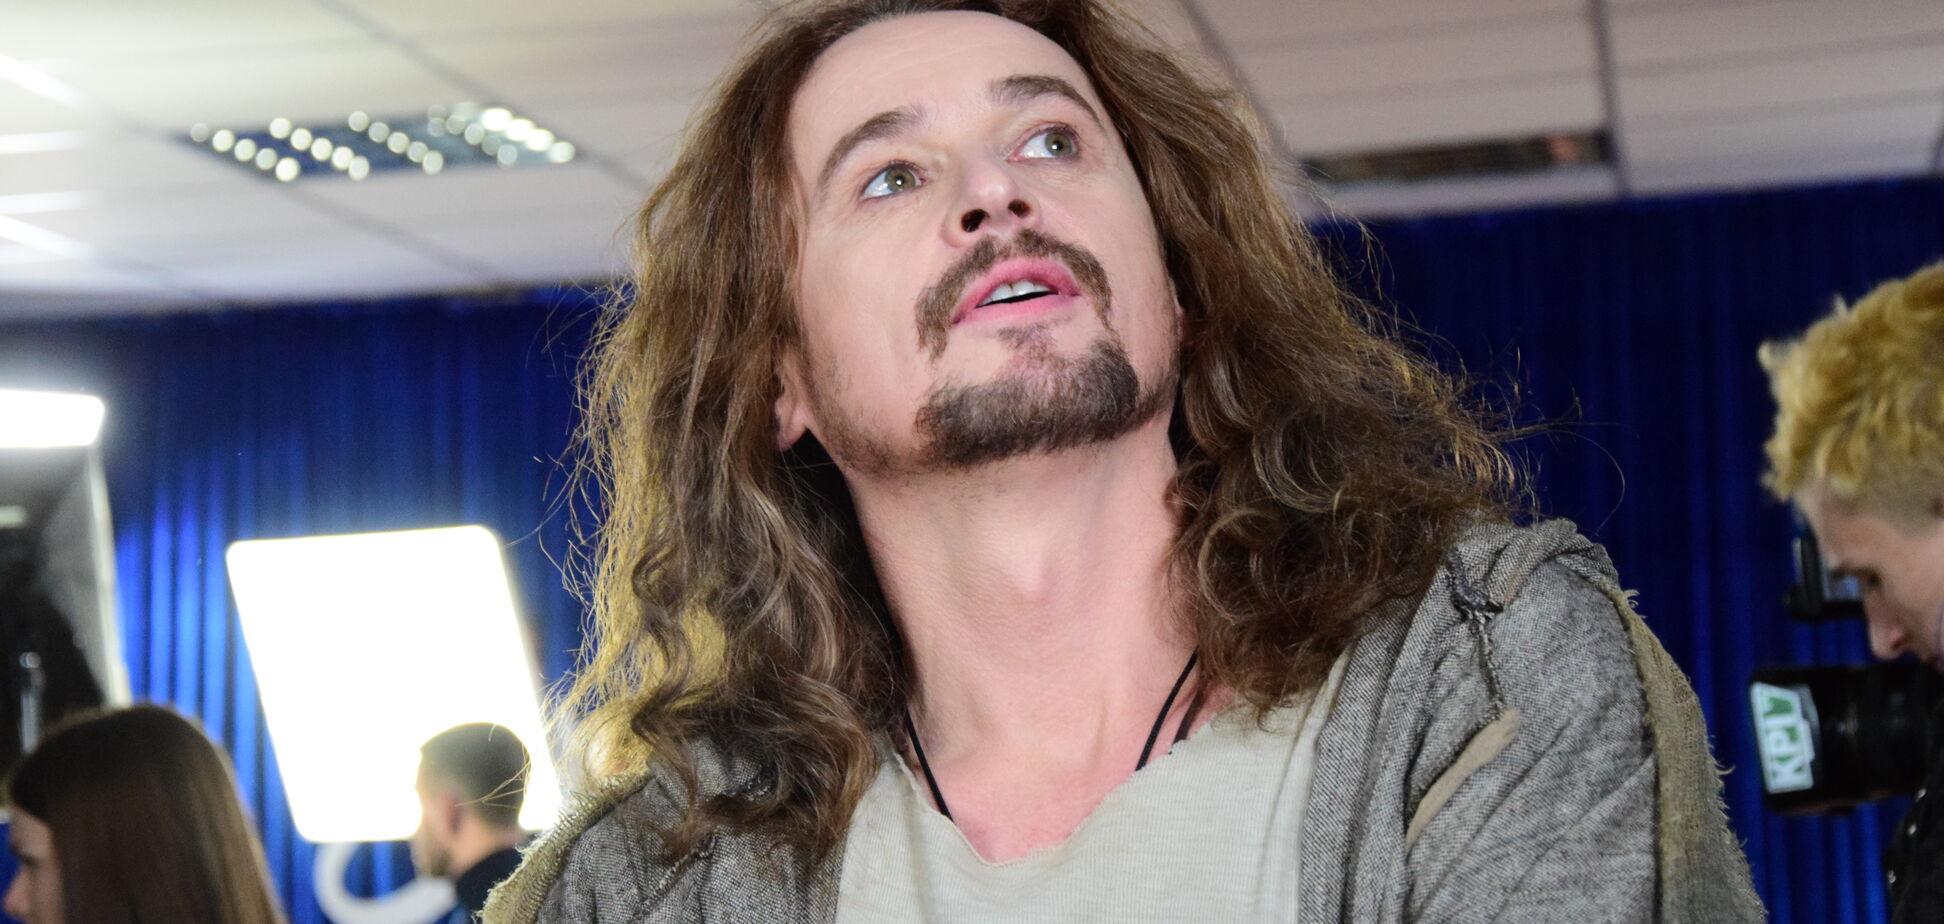 'Пусть в меня кинут камень': Юрченко пояснил образ Иисуса на Нацотборе 'Евровидения'